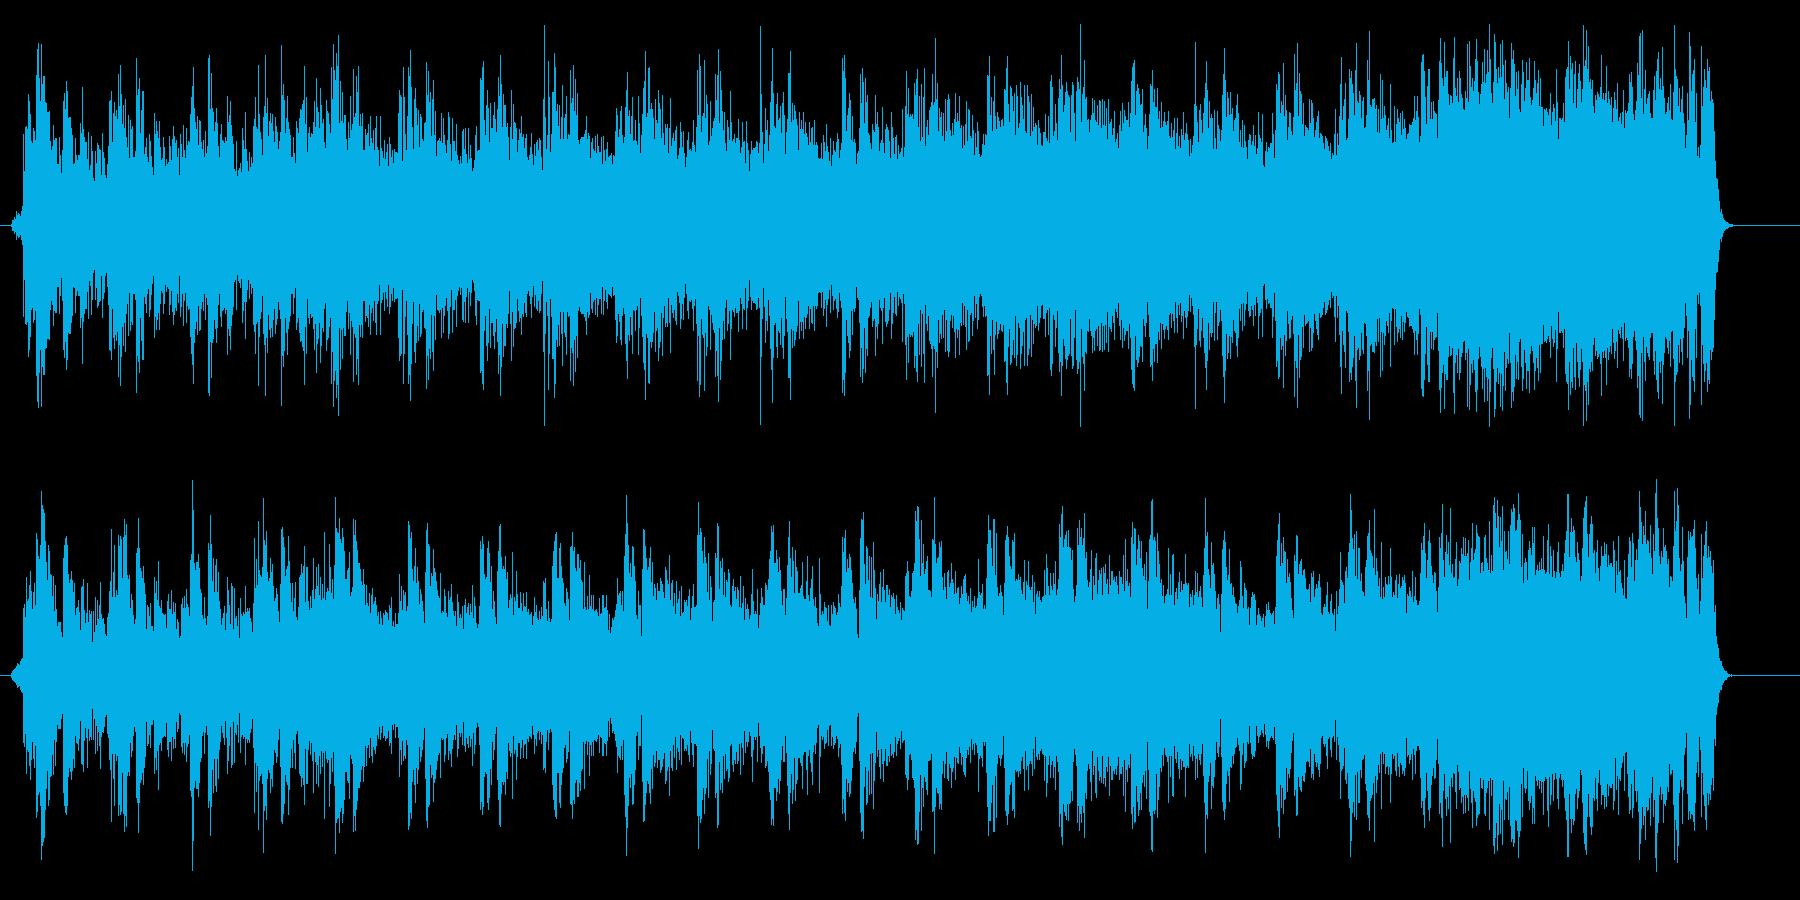 荘厳なハリウッド風エンドロールの再生済みの波形